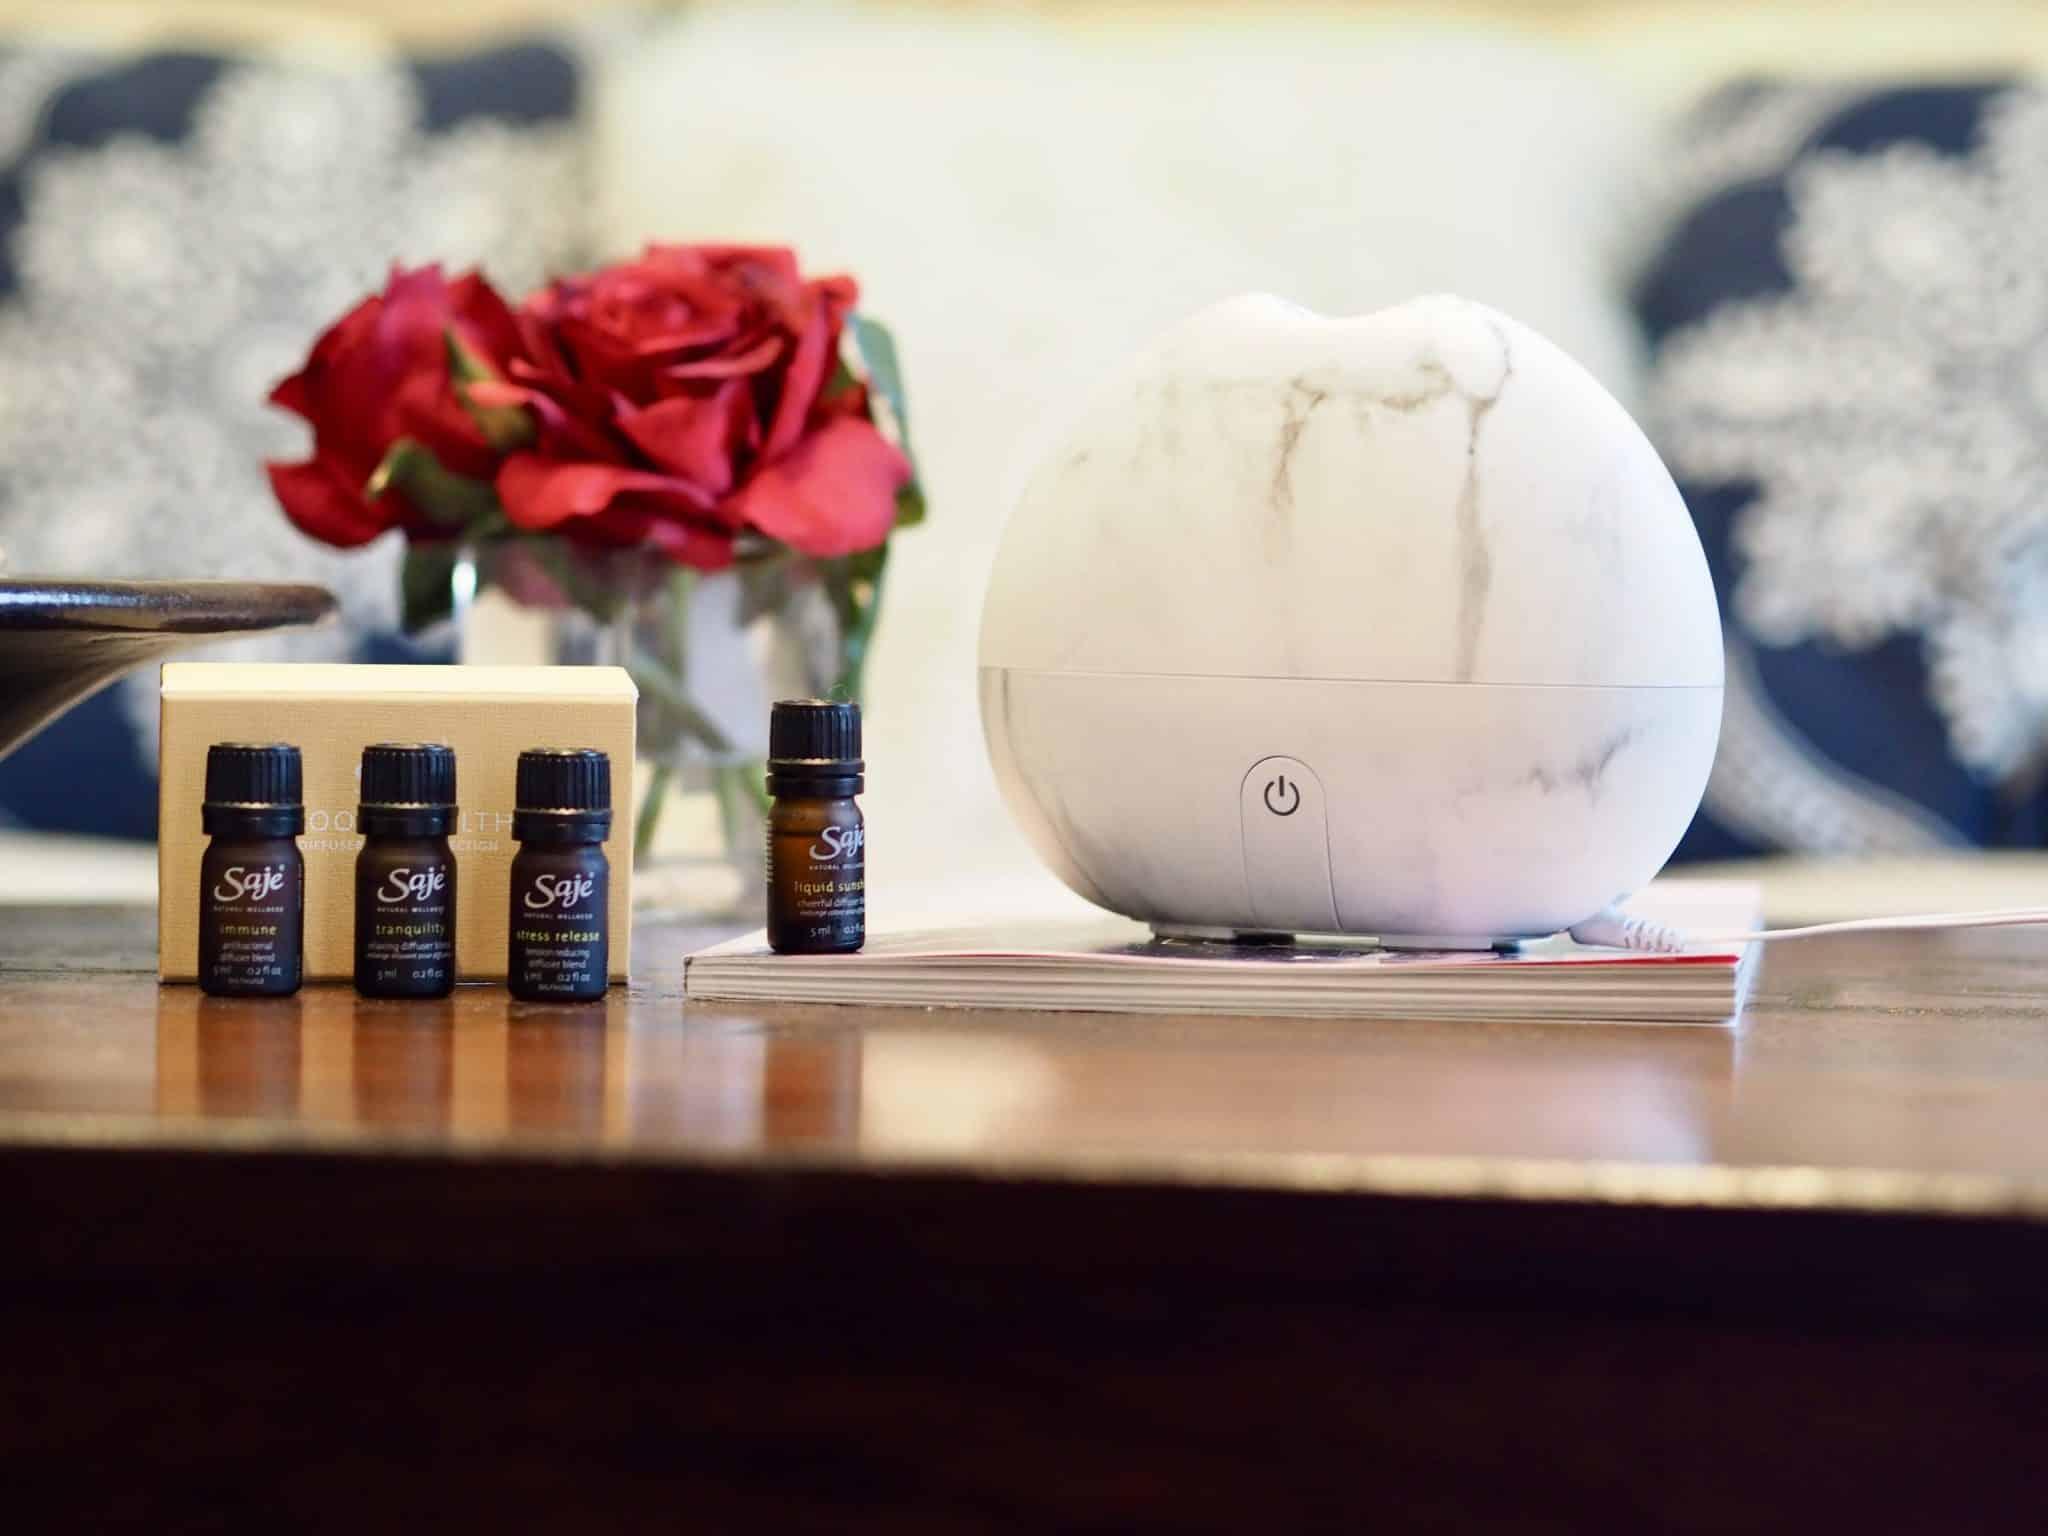 Saje Essential oils Saje diffuser diffuser saje saje natural wellness saje essential oil saje essential oils saje oils saje diffuser oils best diffuser diffuser essential oils